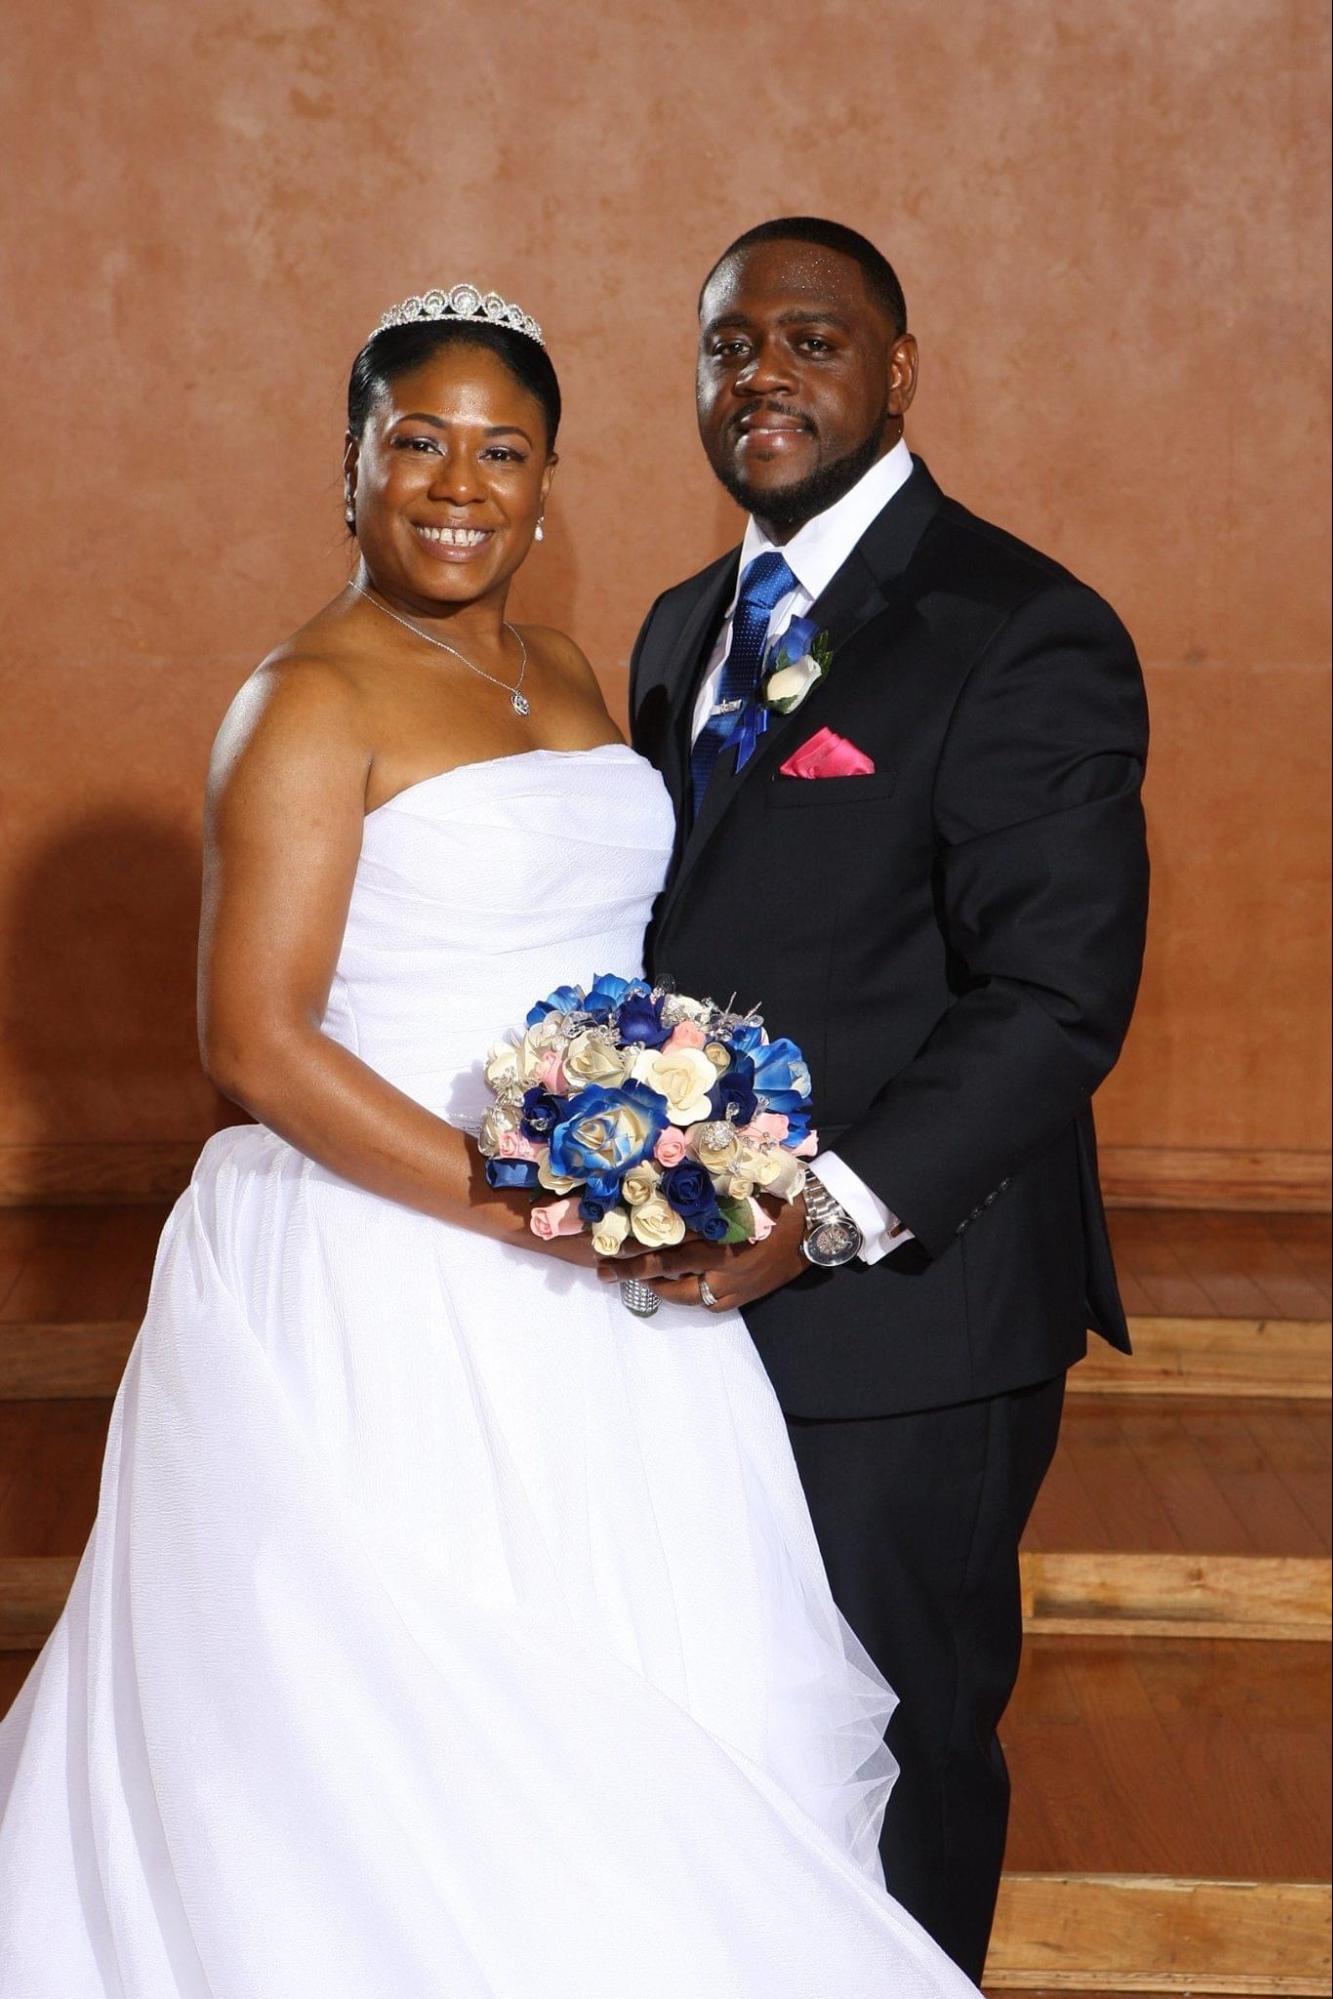 Mr. Demond & Mrs. Rashanda French